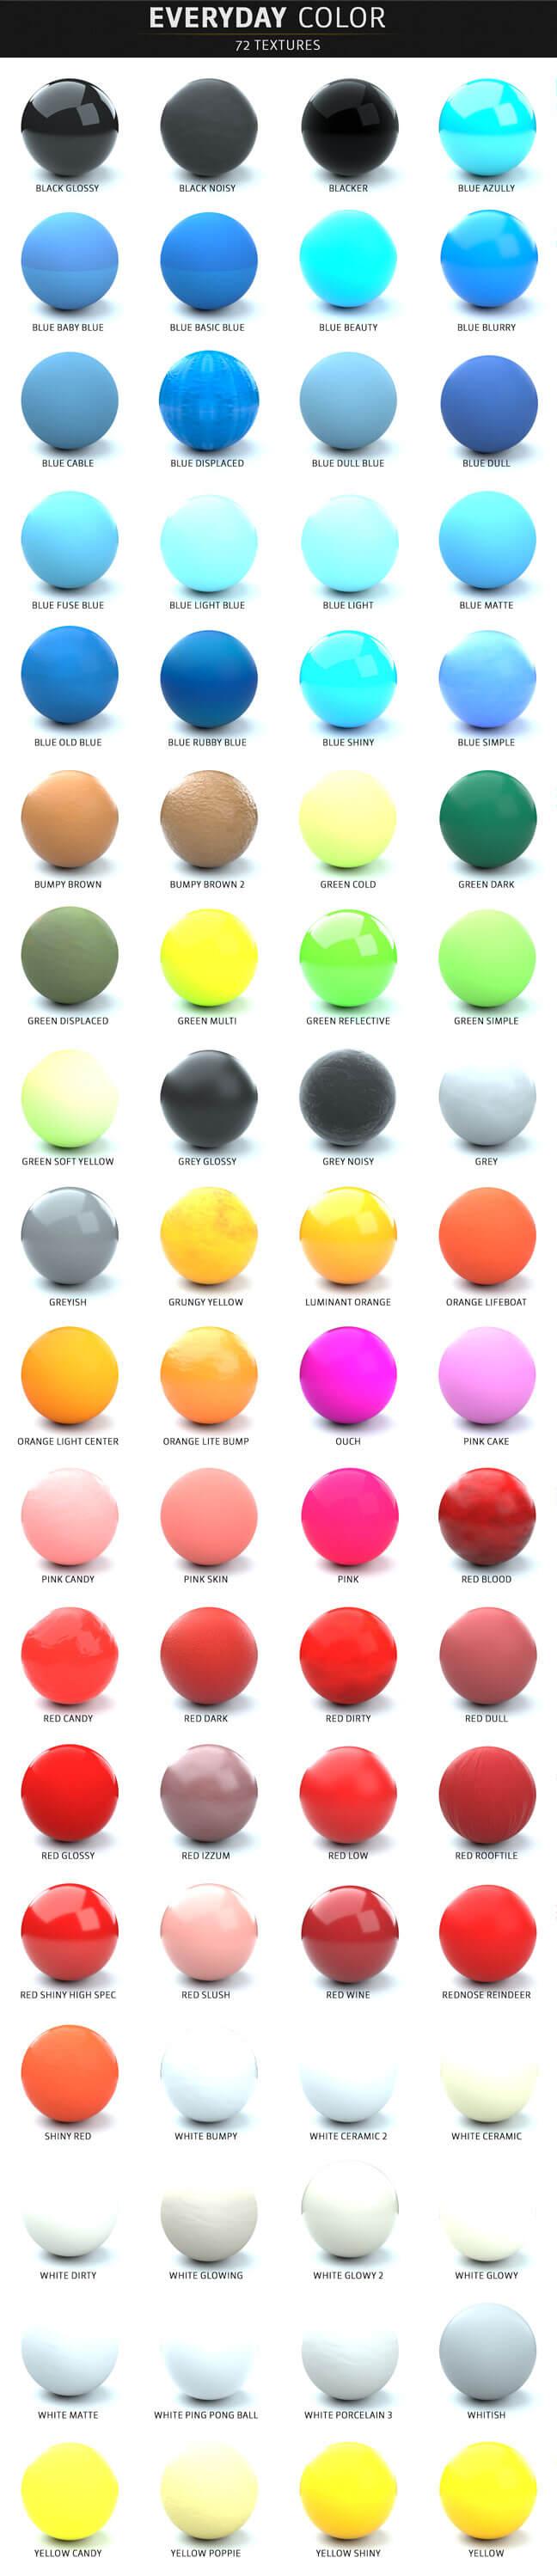 مجموعه کامل متریال های سینمافوردی برای رندر Octane - رنگ های روزانه